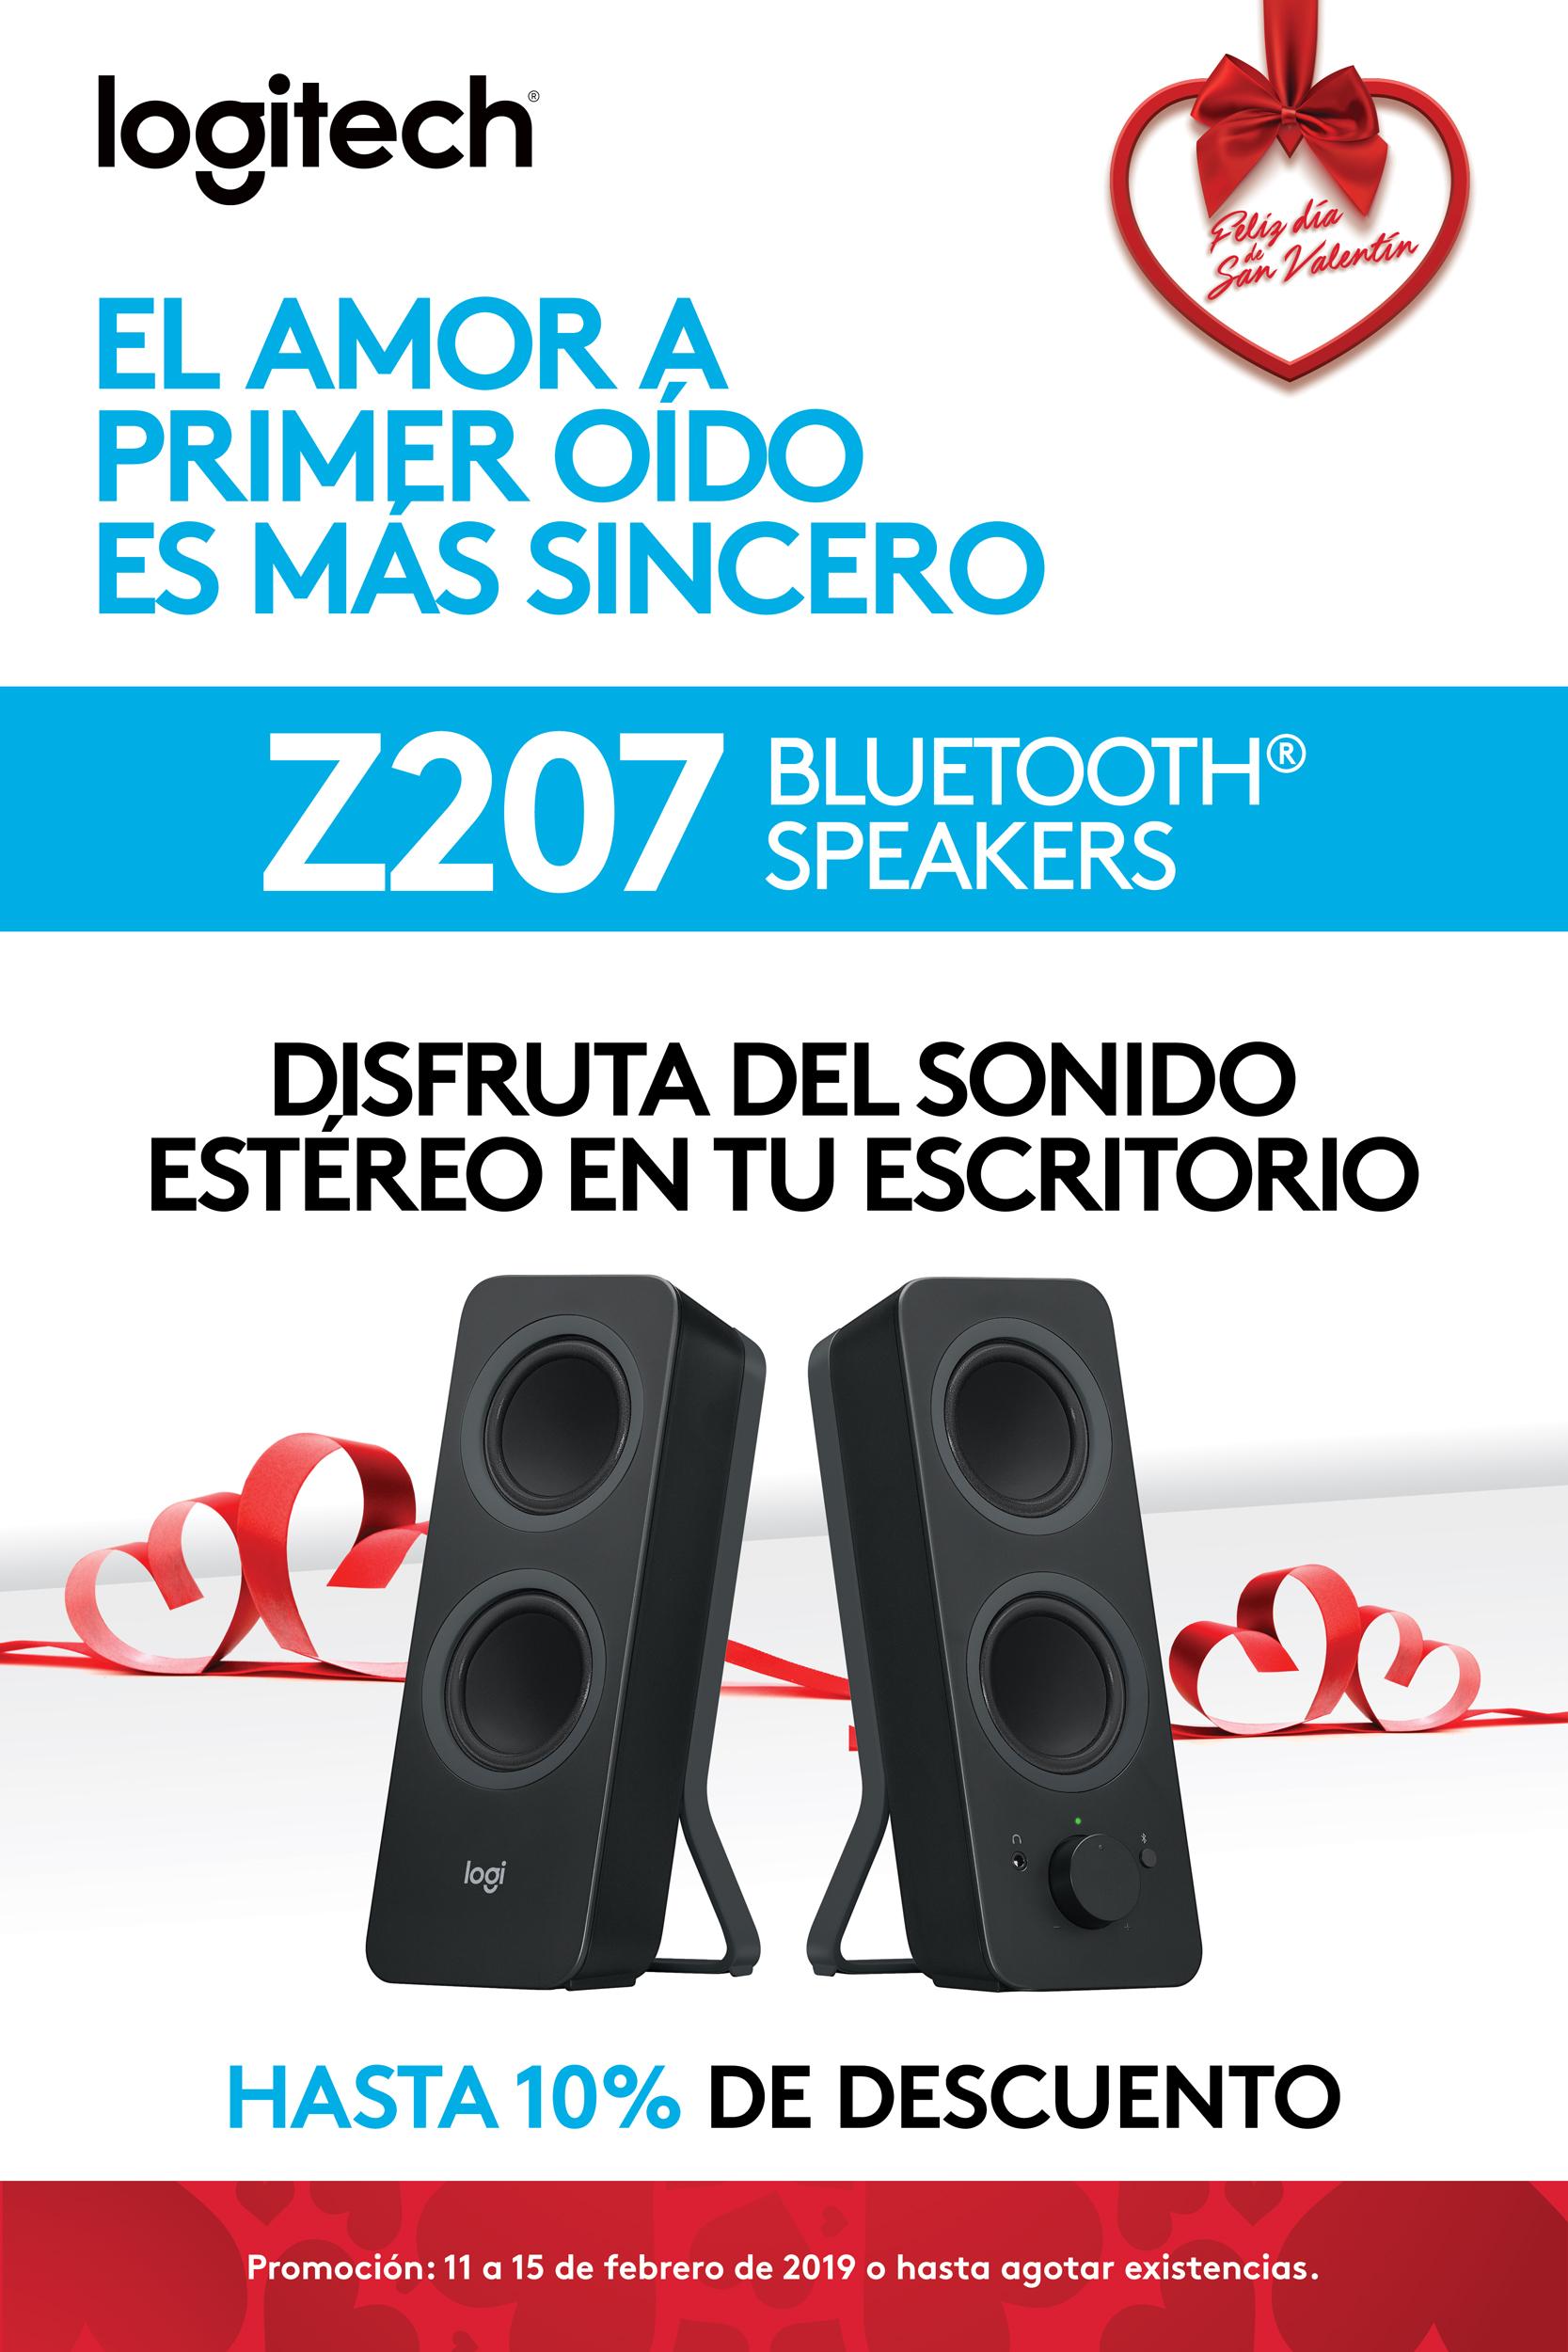 Promo Z207 - Bluetooth Speaker - Logitech